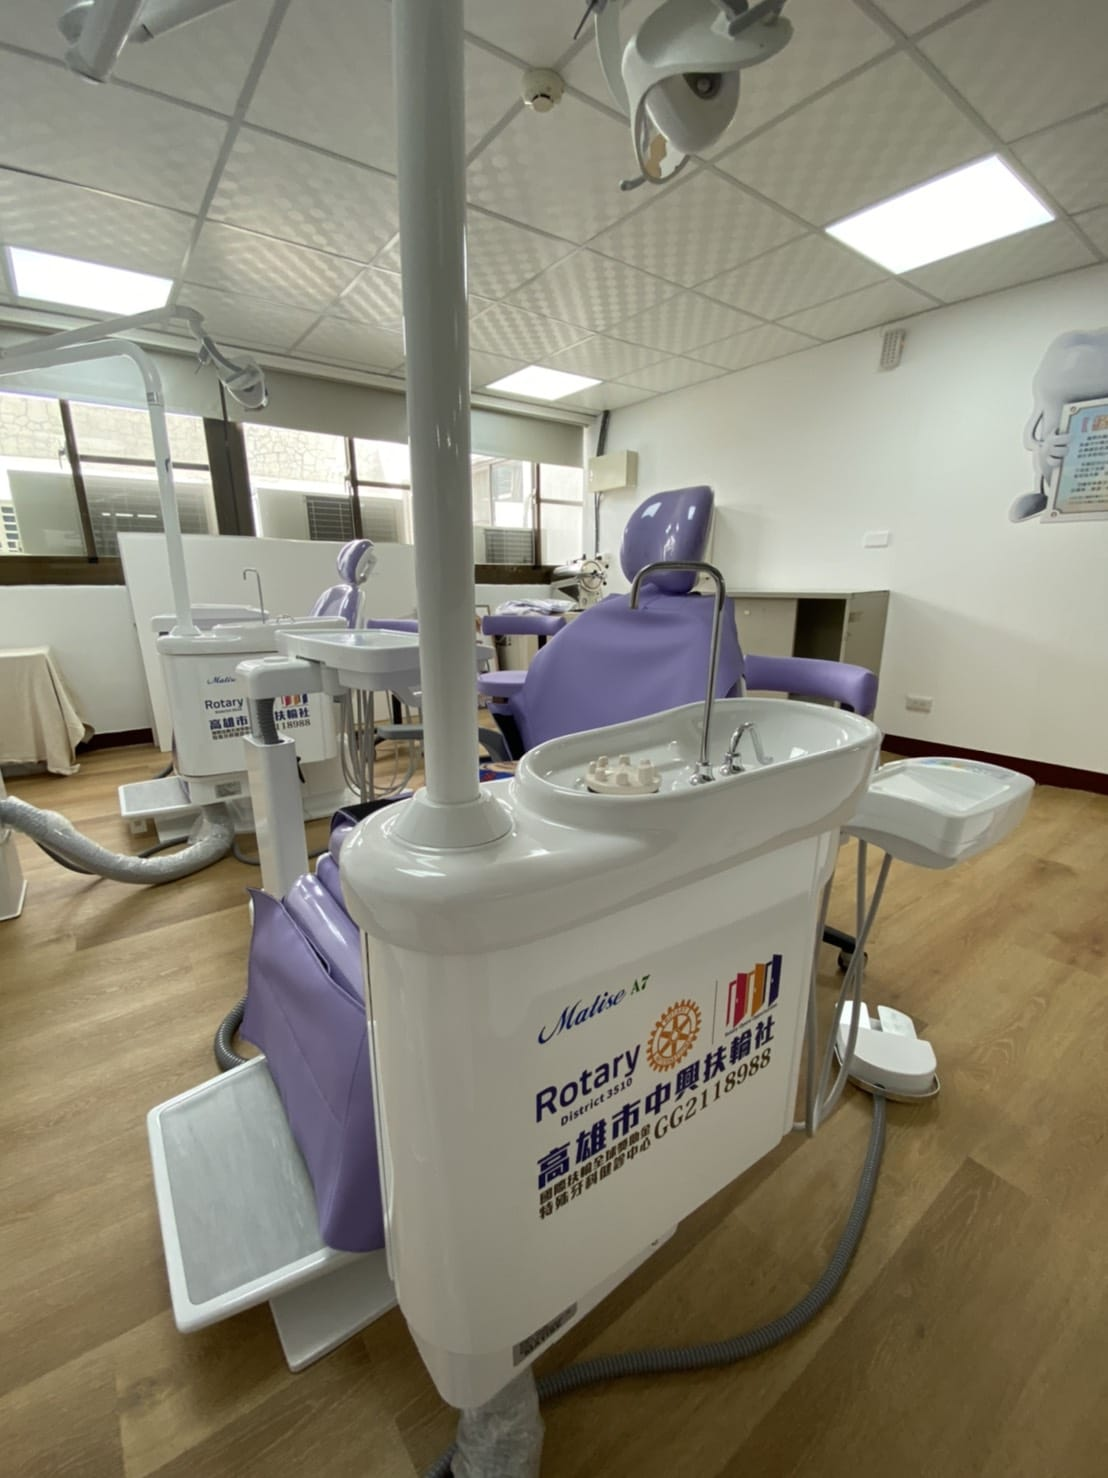 扶輪有愛,從齒相伴—特殊牙科健診中心捐贈揭牌活動